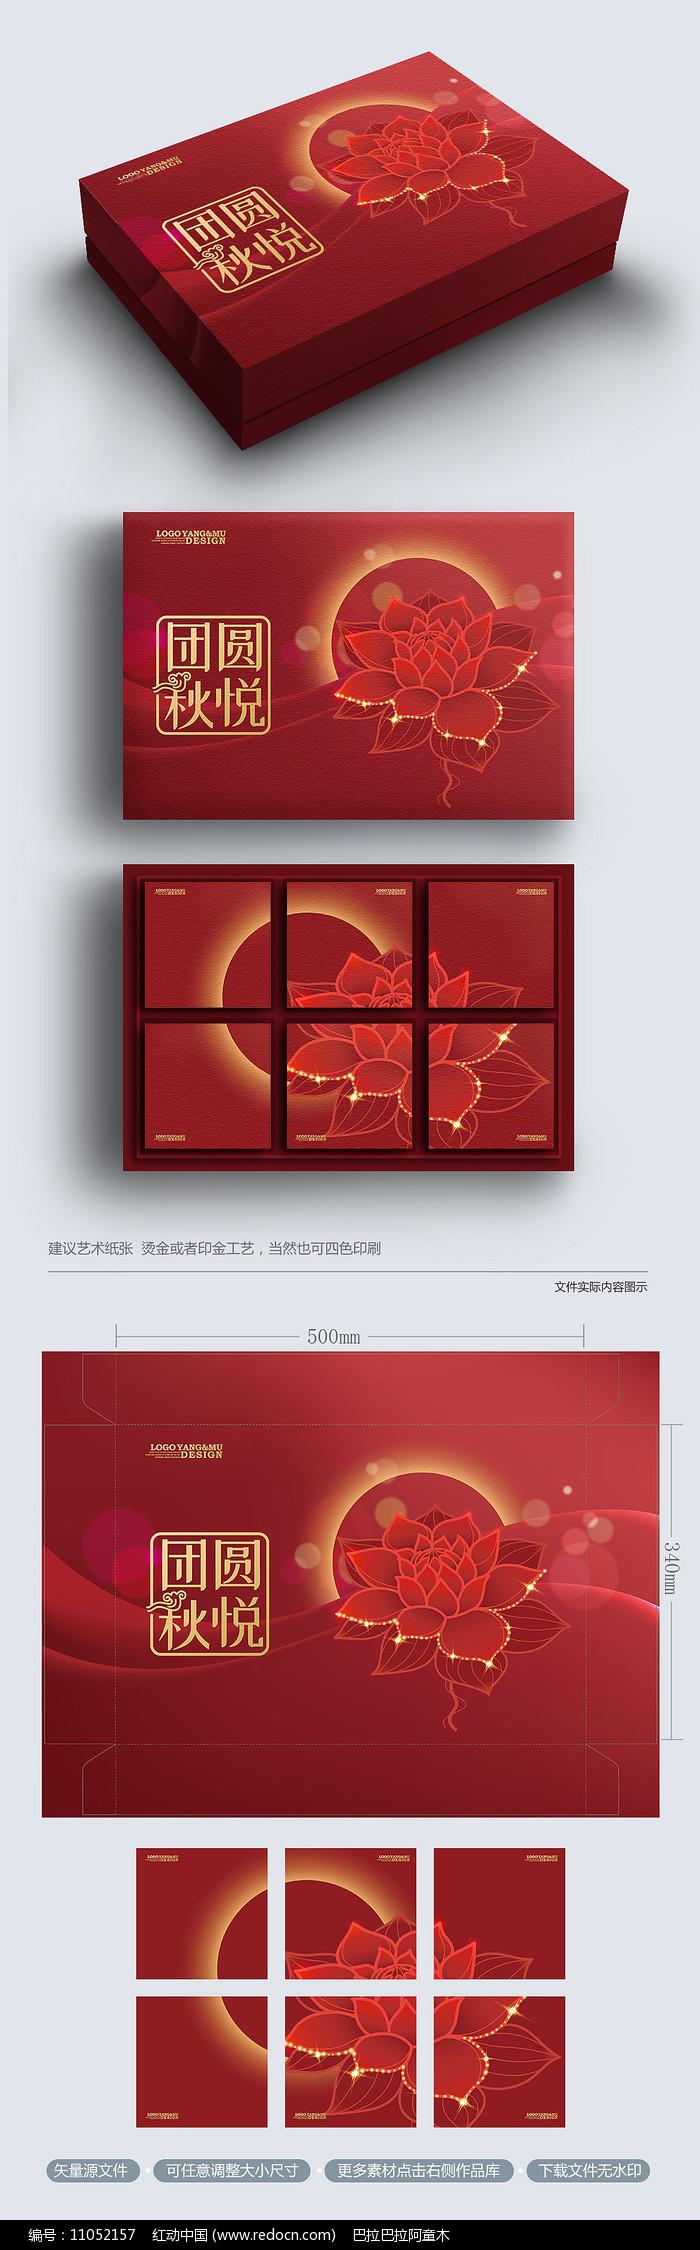 原创简约大气红色高端中秋月饼包装礼盒图片